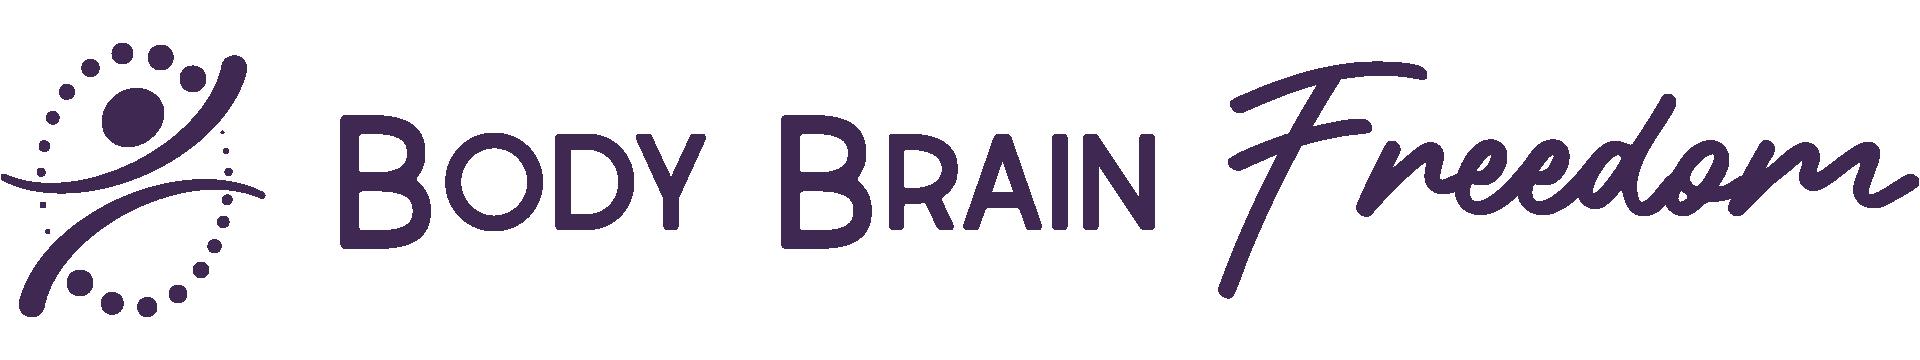 Body-Brain Freedom